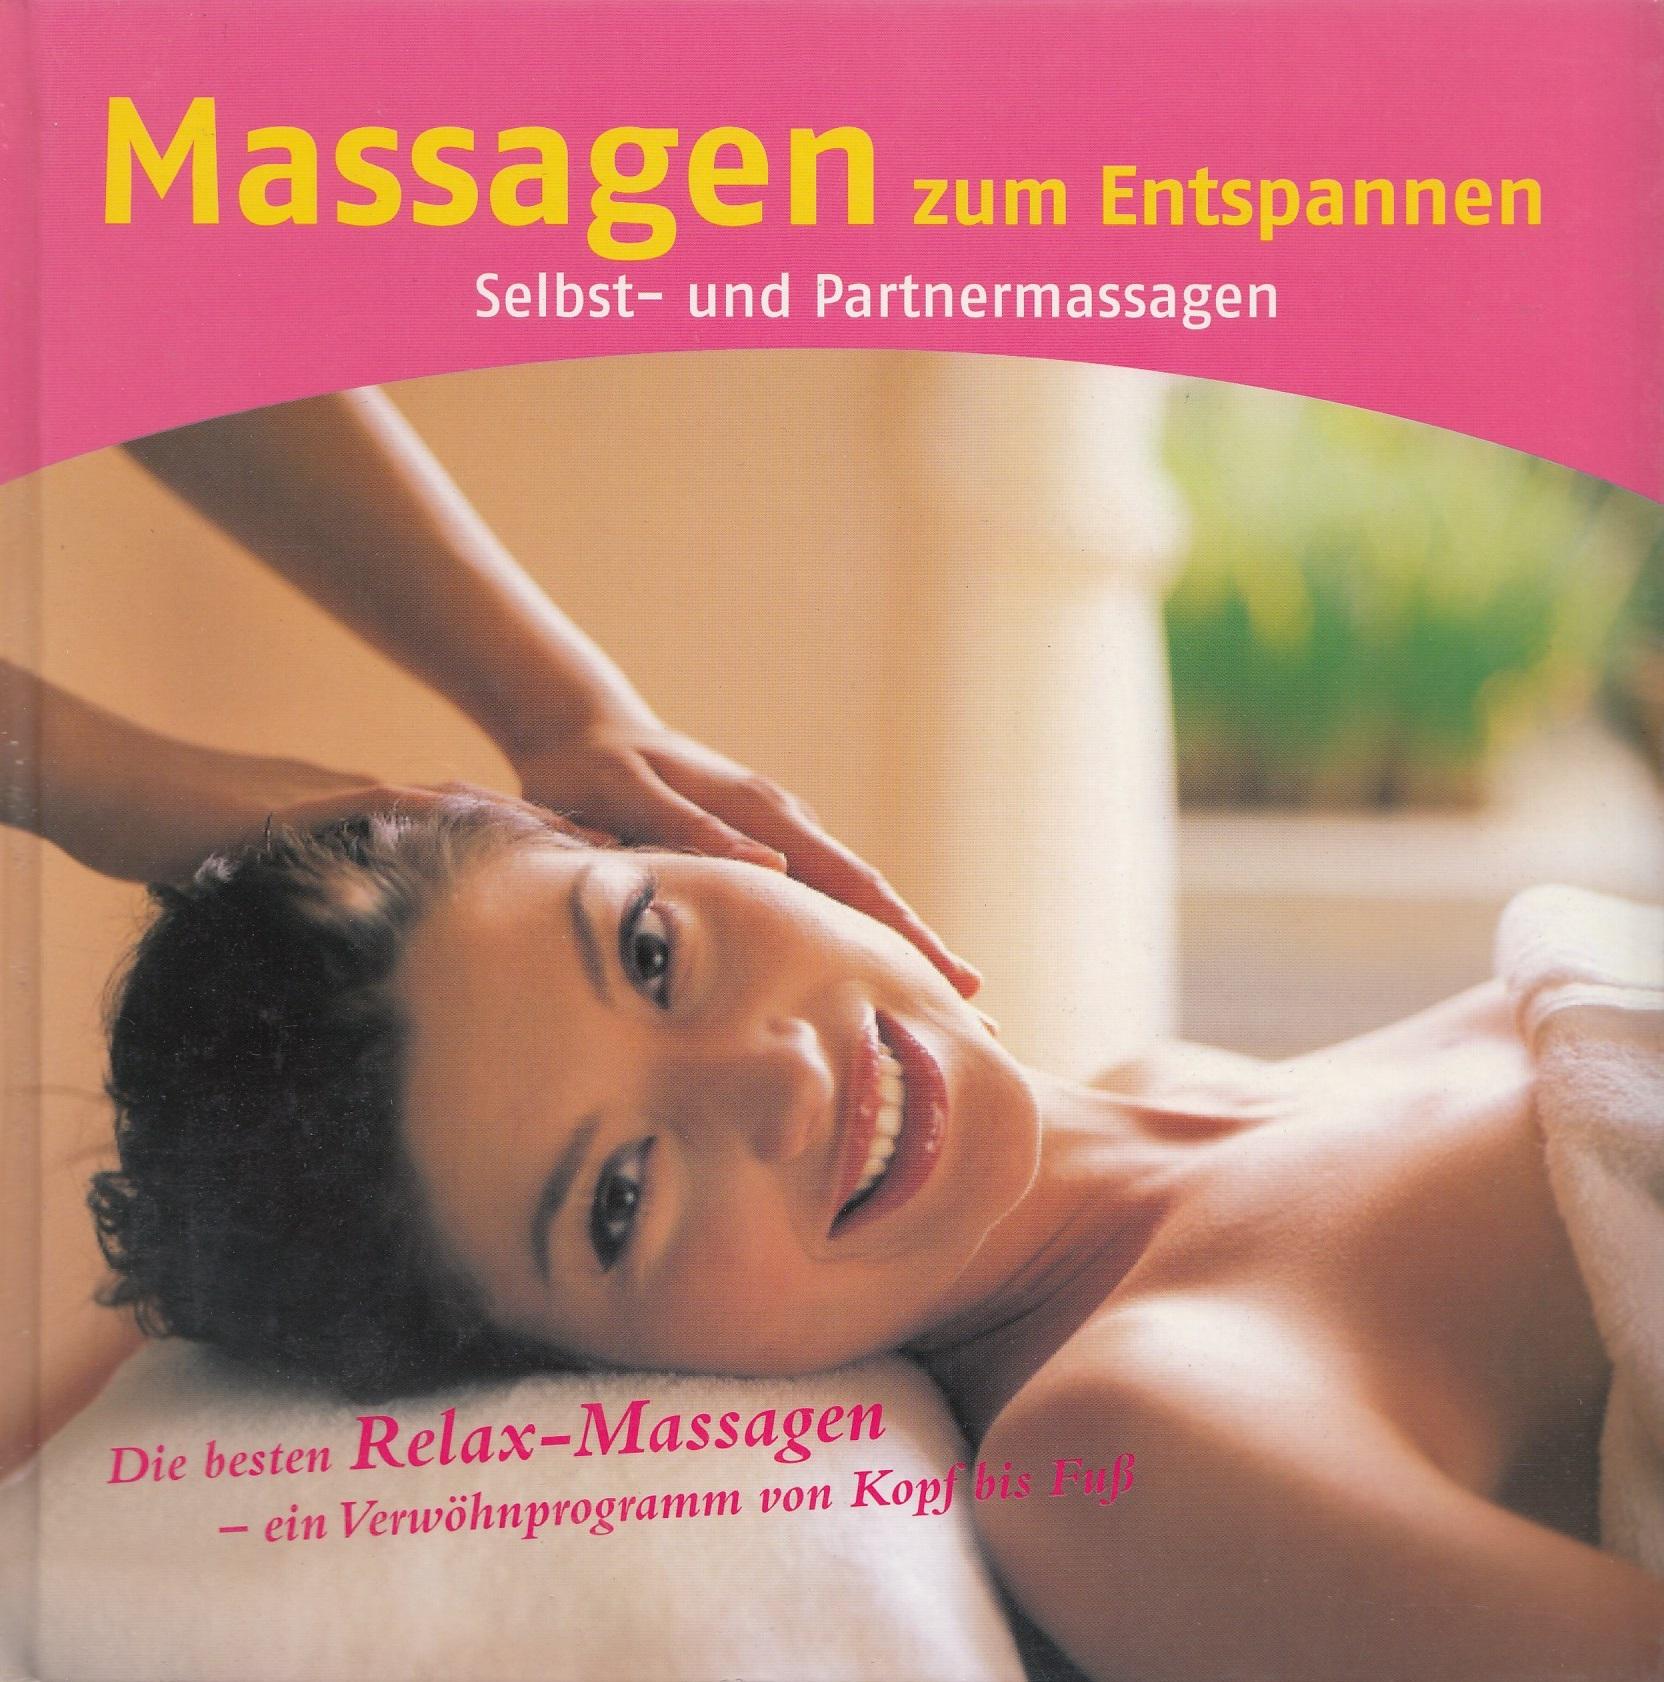 Massagen zum Entspannen - Diverse